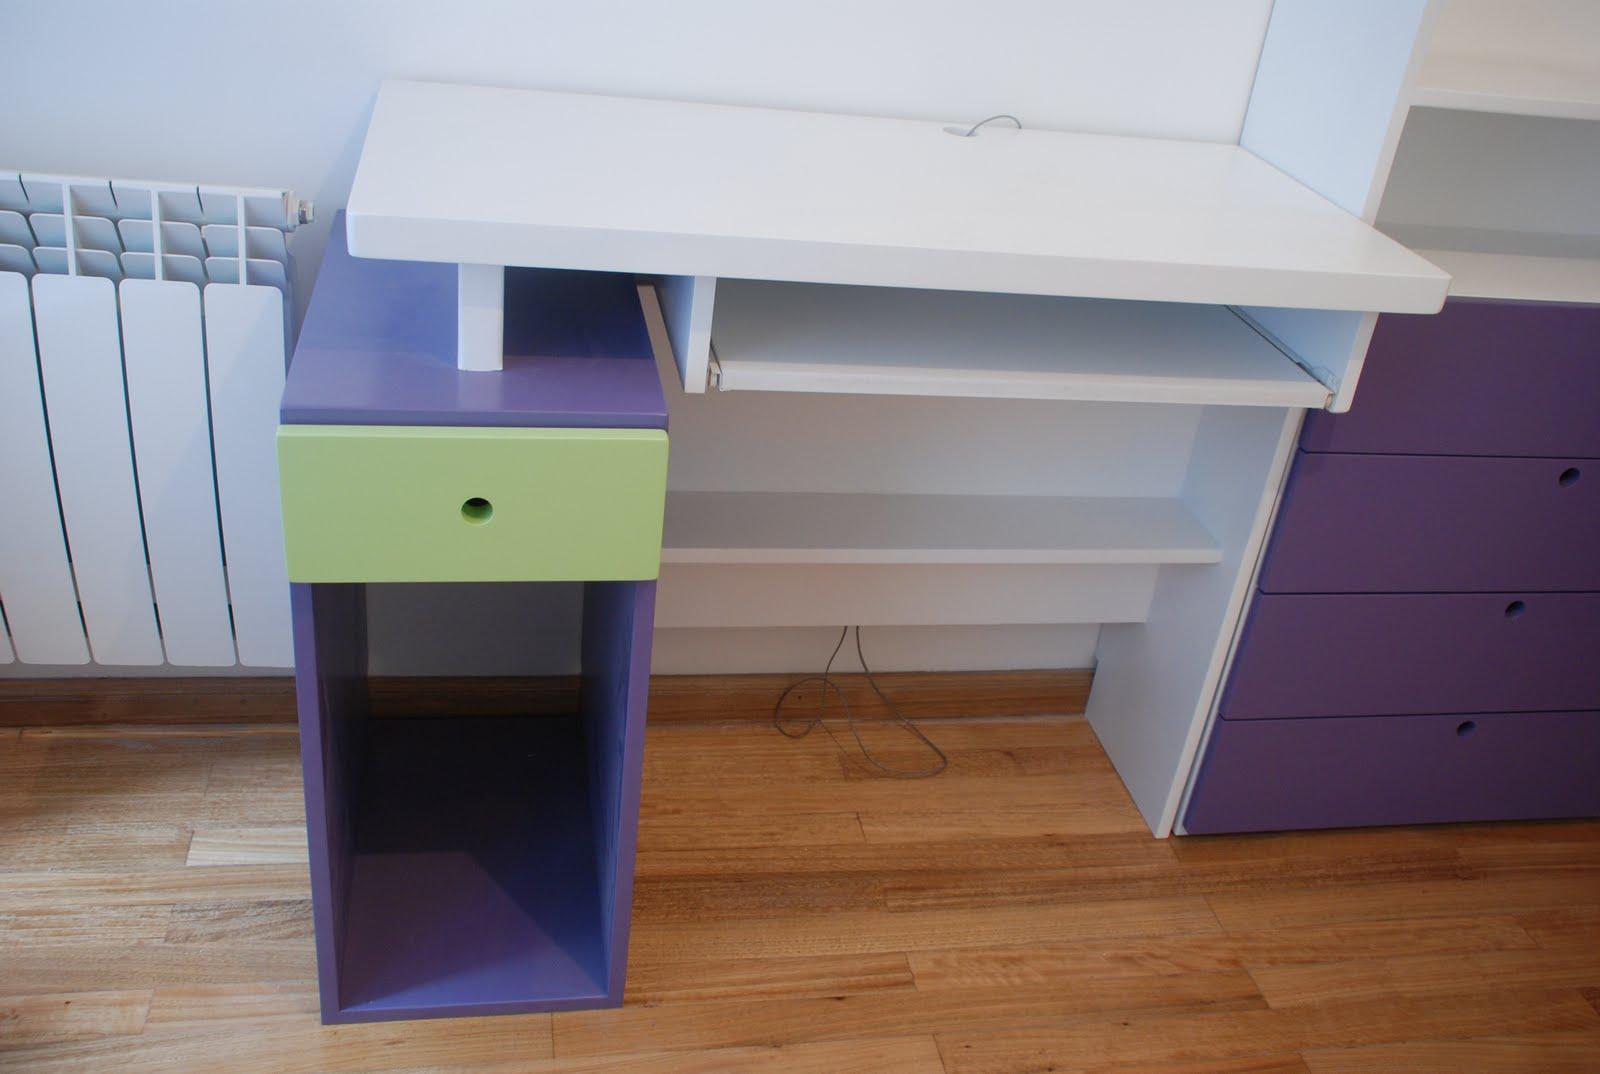 Abejitasweb ahora tambien hacemos muebles laqueados for Muebles laqueados